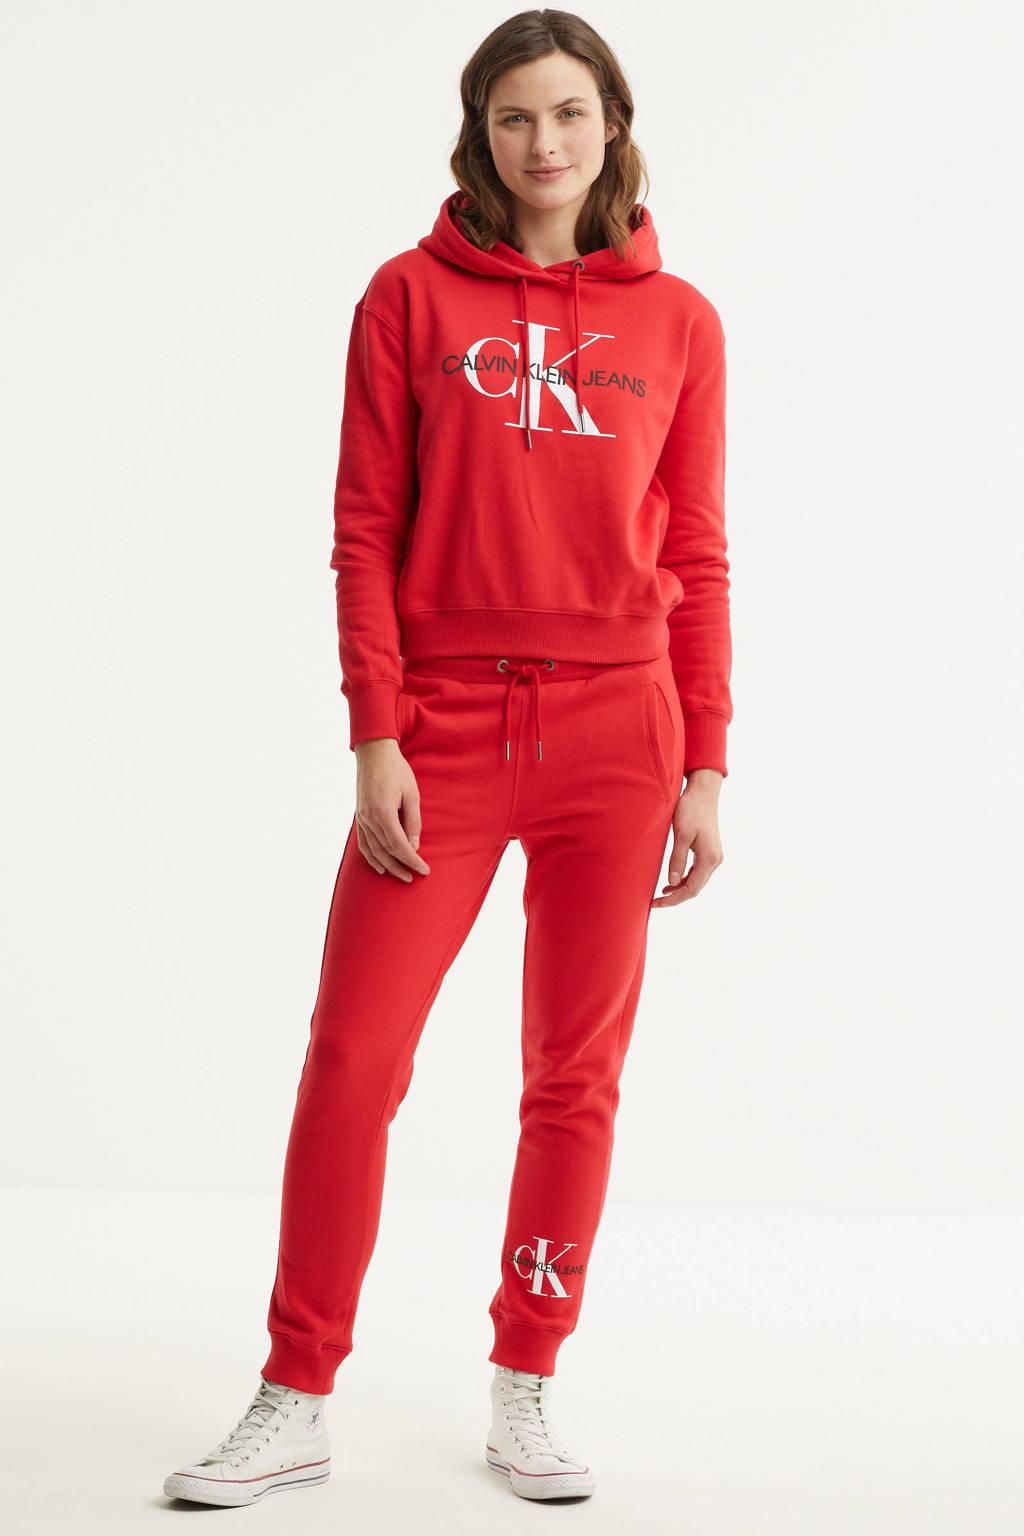 CALVIN KLEIN JEANS hoodie van biologisch katoen rood, Rood